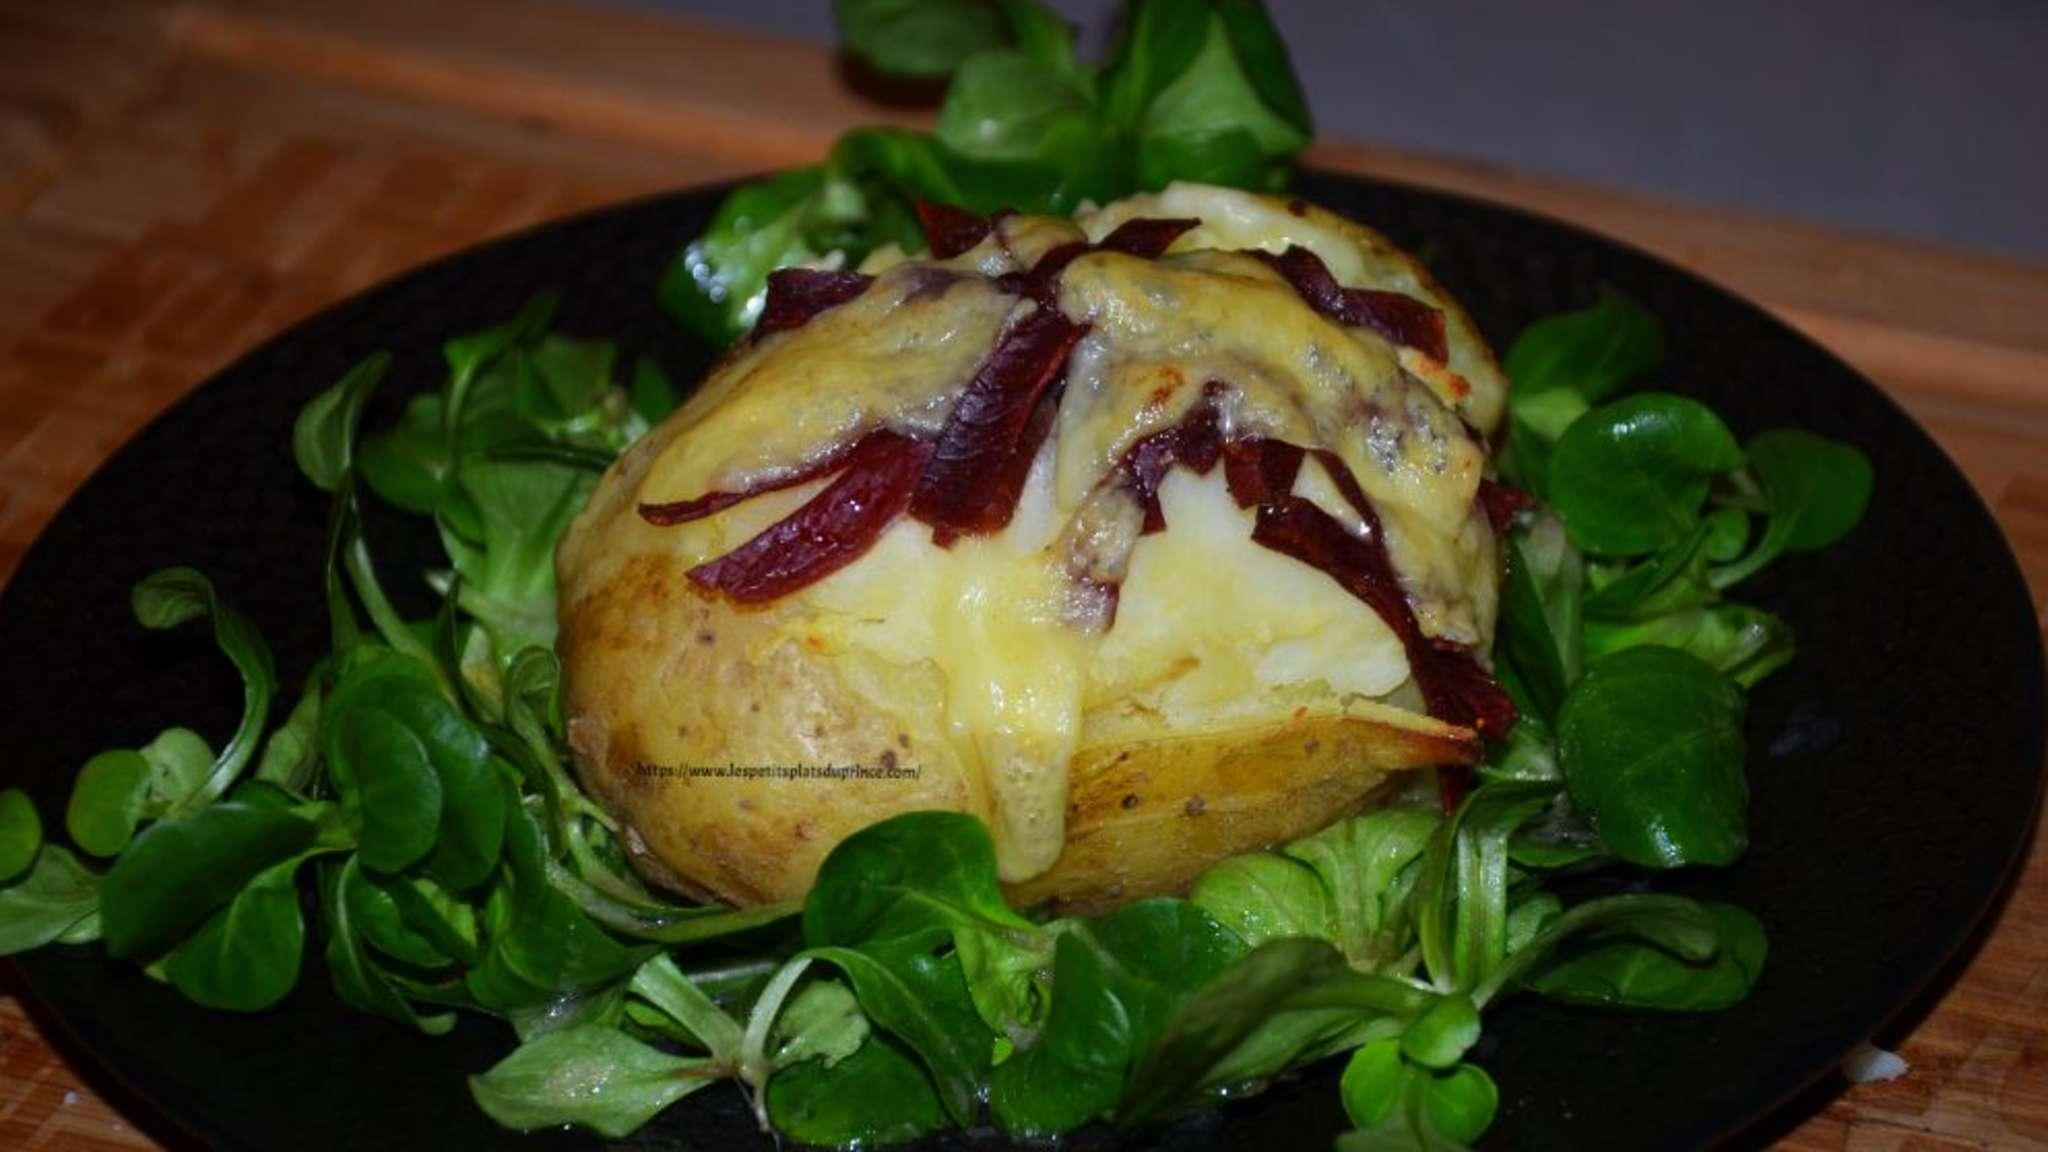 Pomme de terre farcie façon raclette